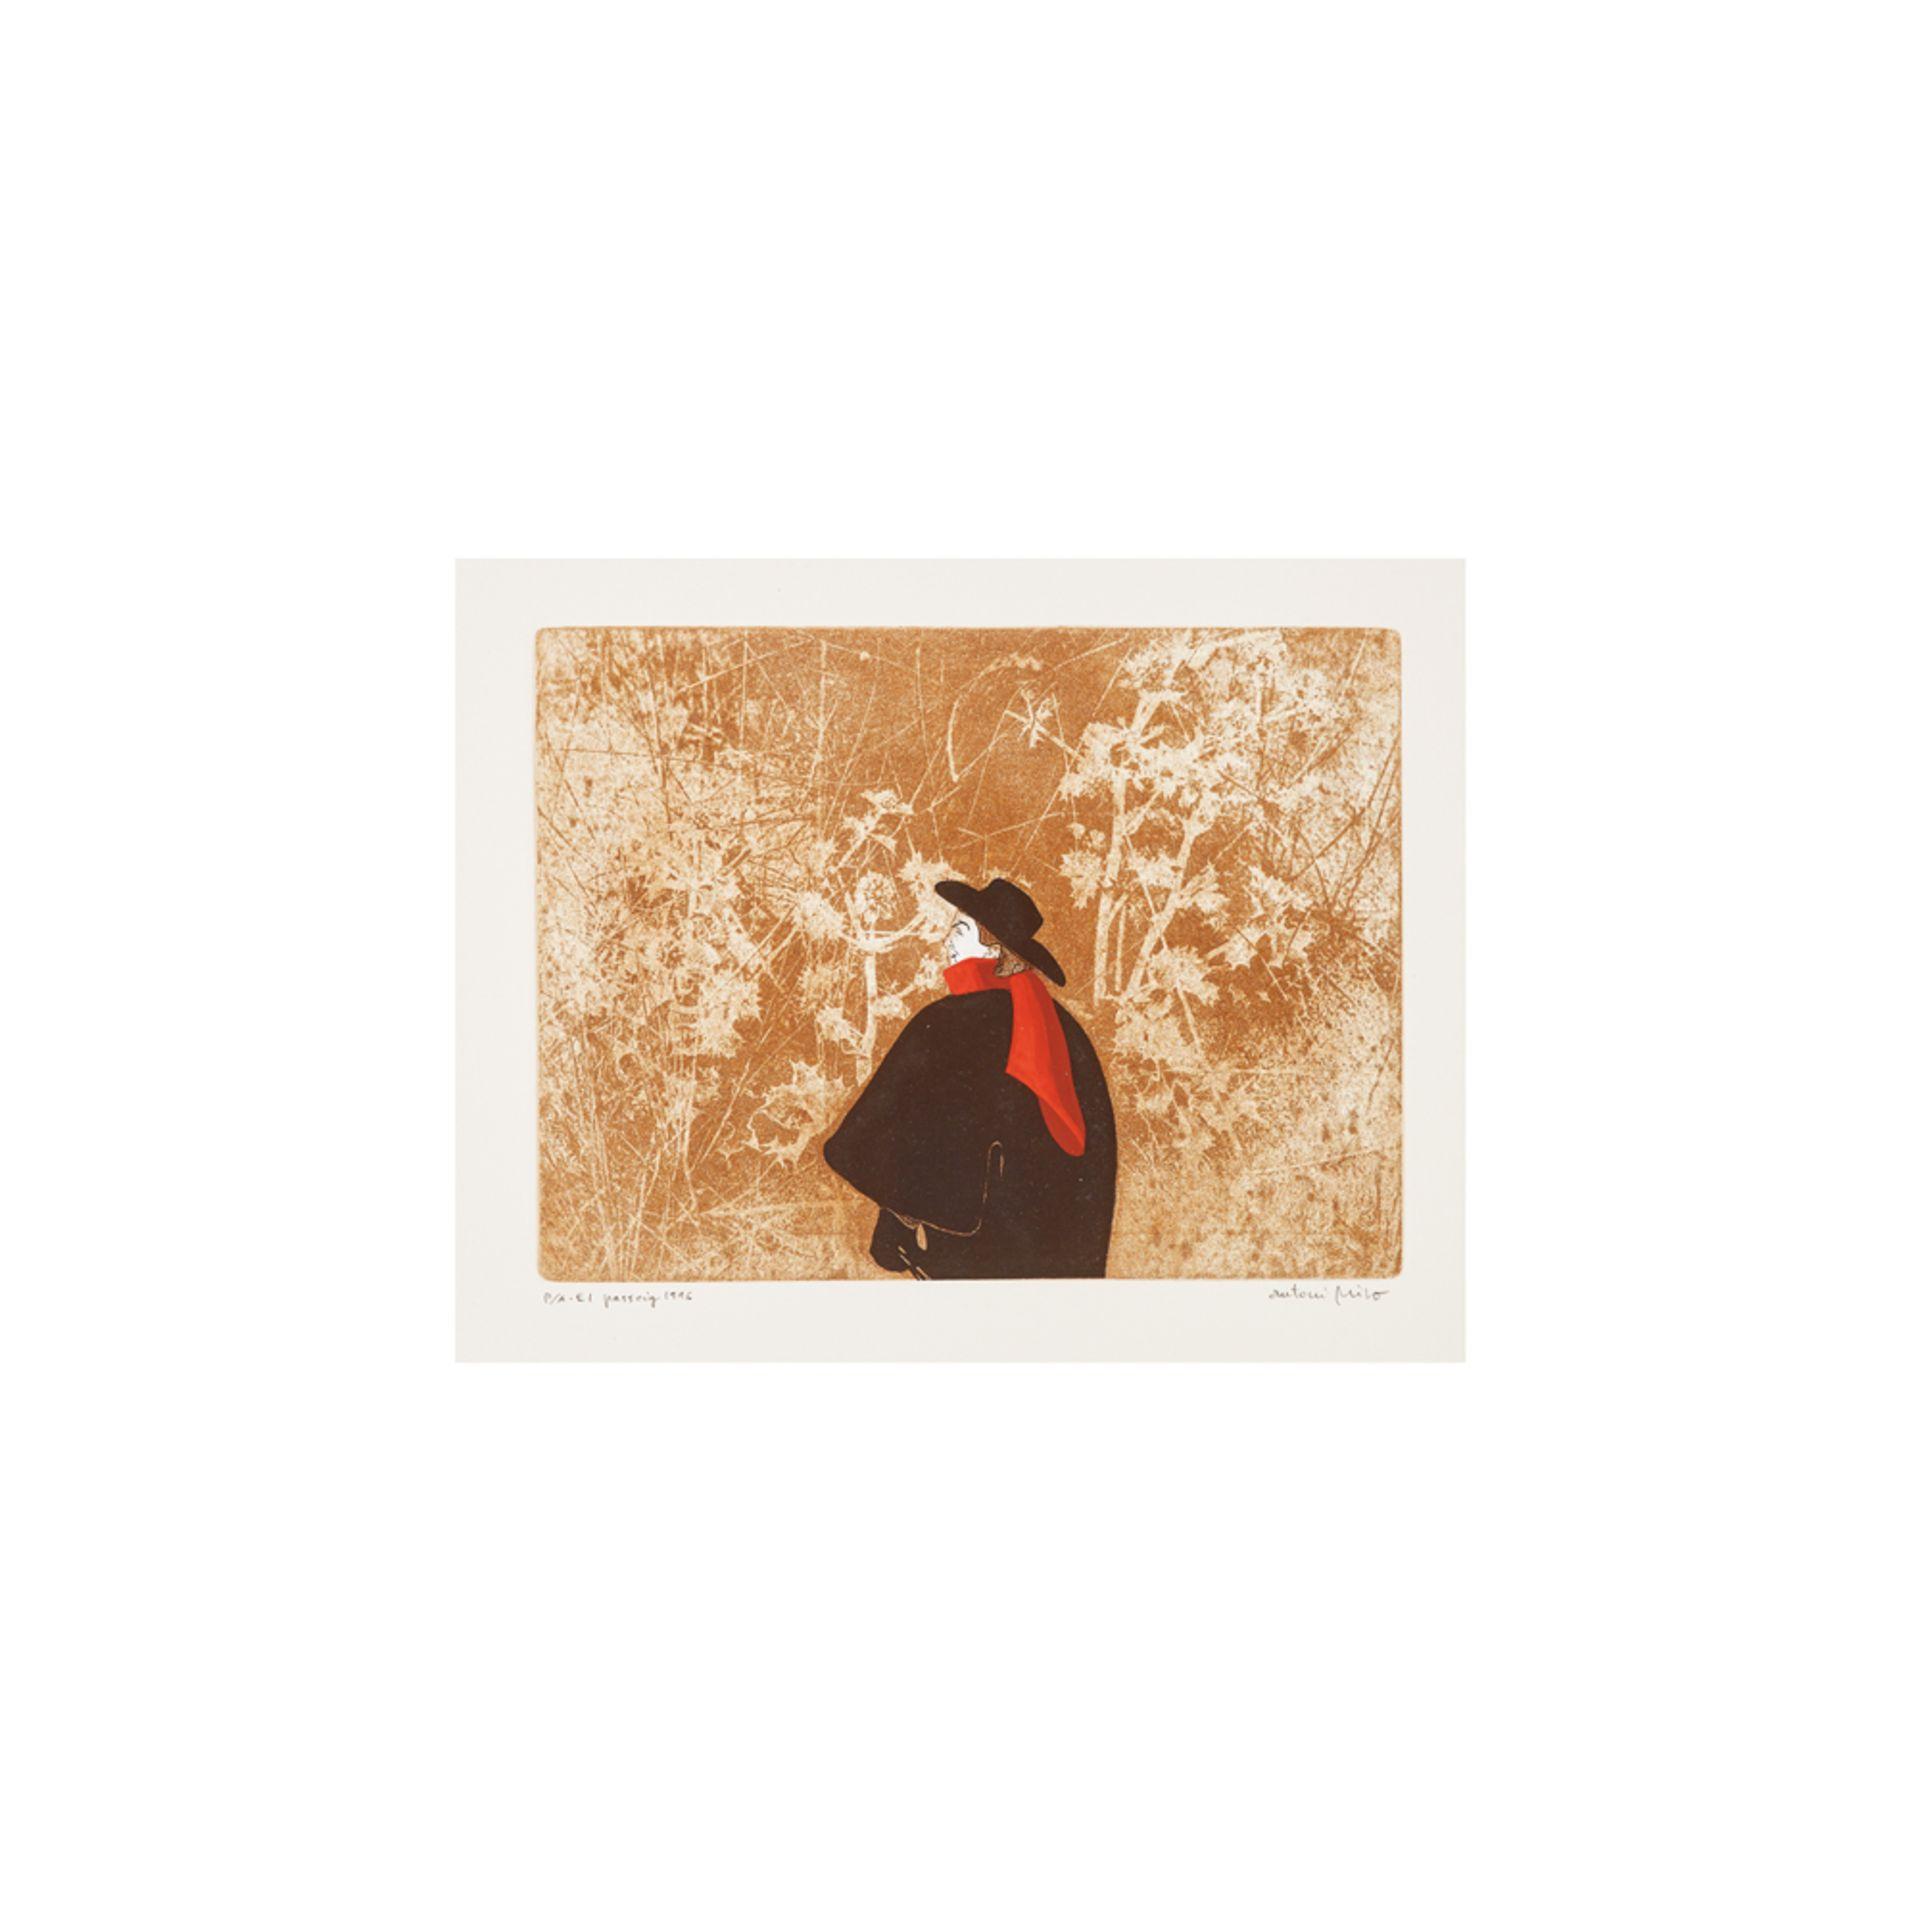 Los 28 - Antoni Miró. El passeig. Grabado.